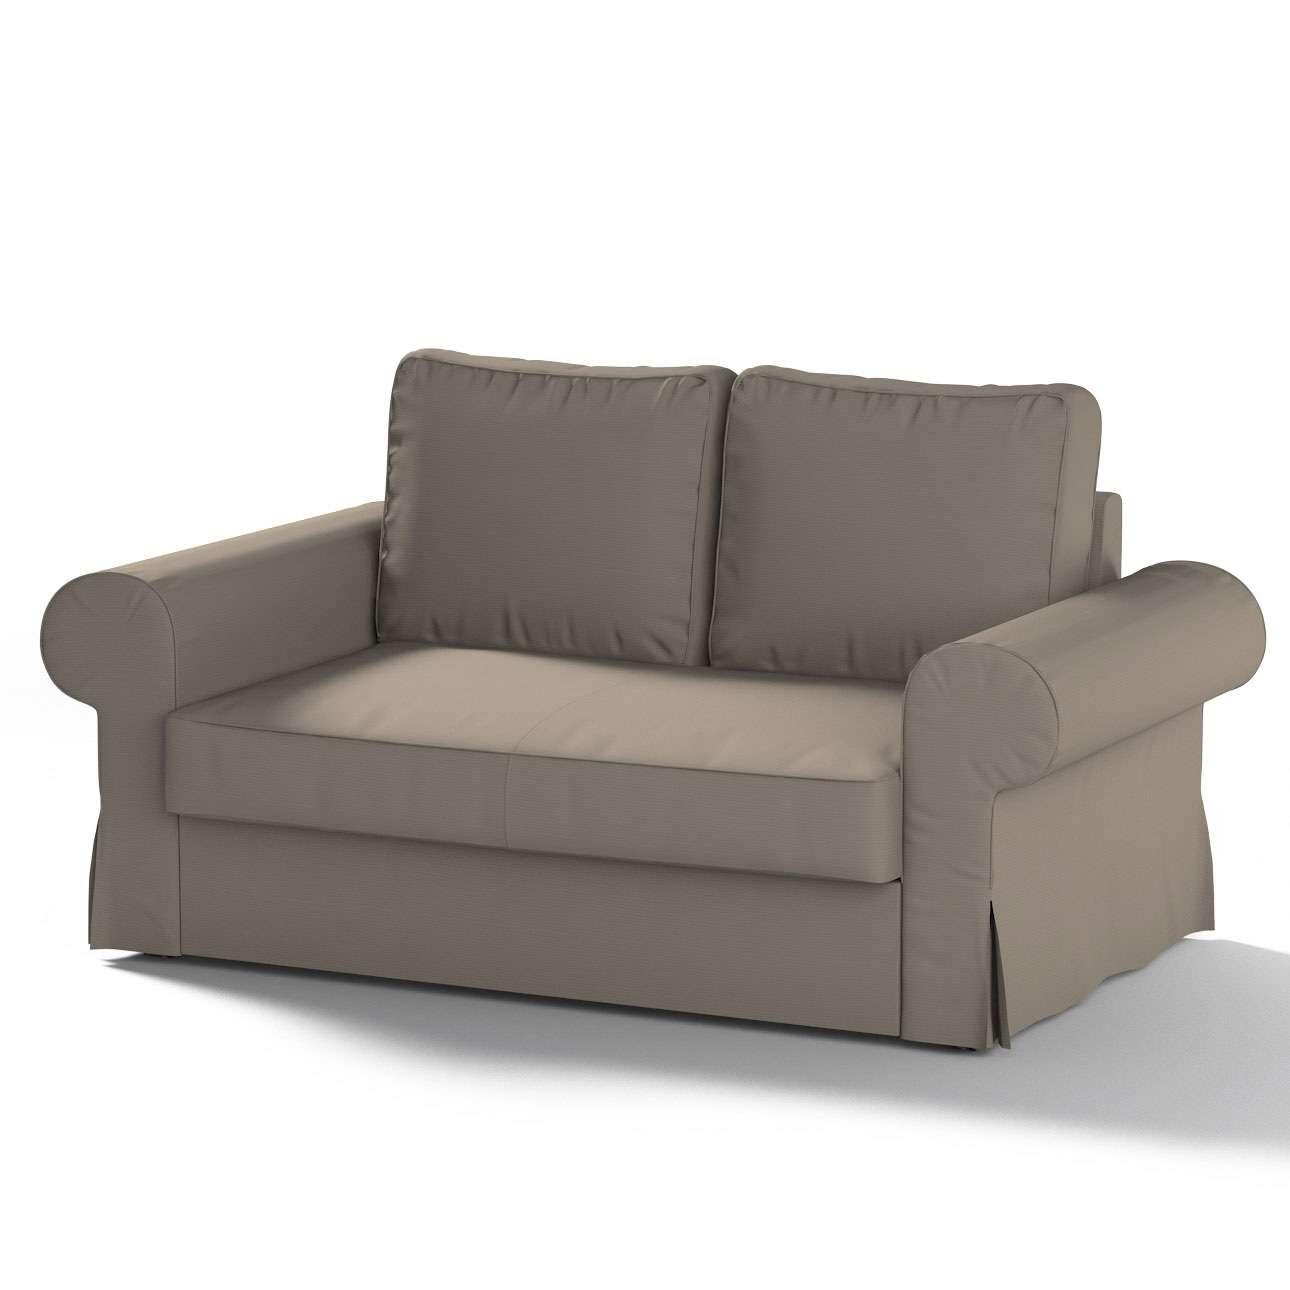 Pokrowiec na sofę Backabro 2-osobową rozkładaną sofa Backabro 2-osobowa rozkładana w kolekcji Cotton Panama, tkanina: 702-28